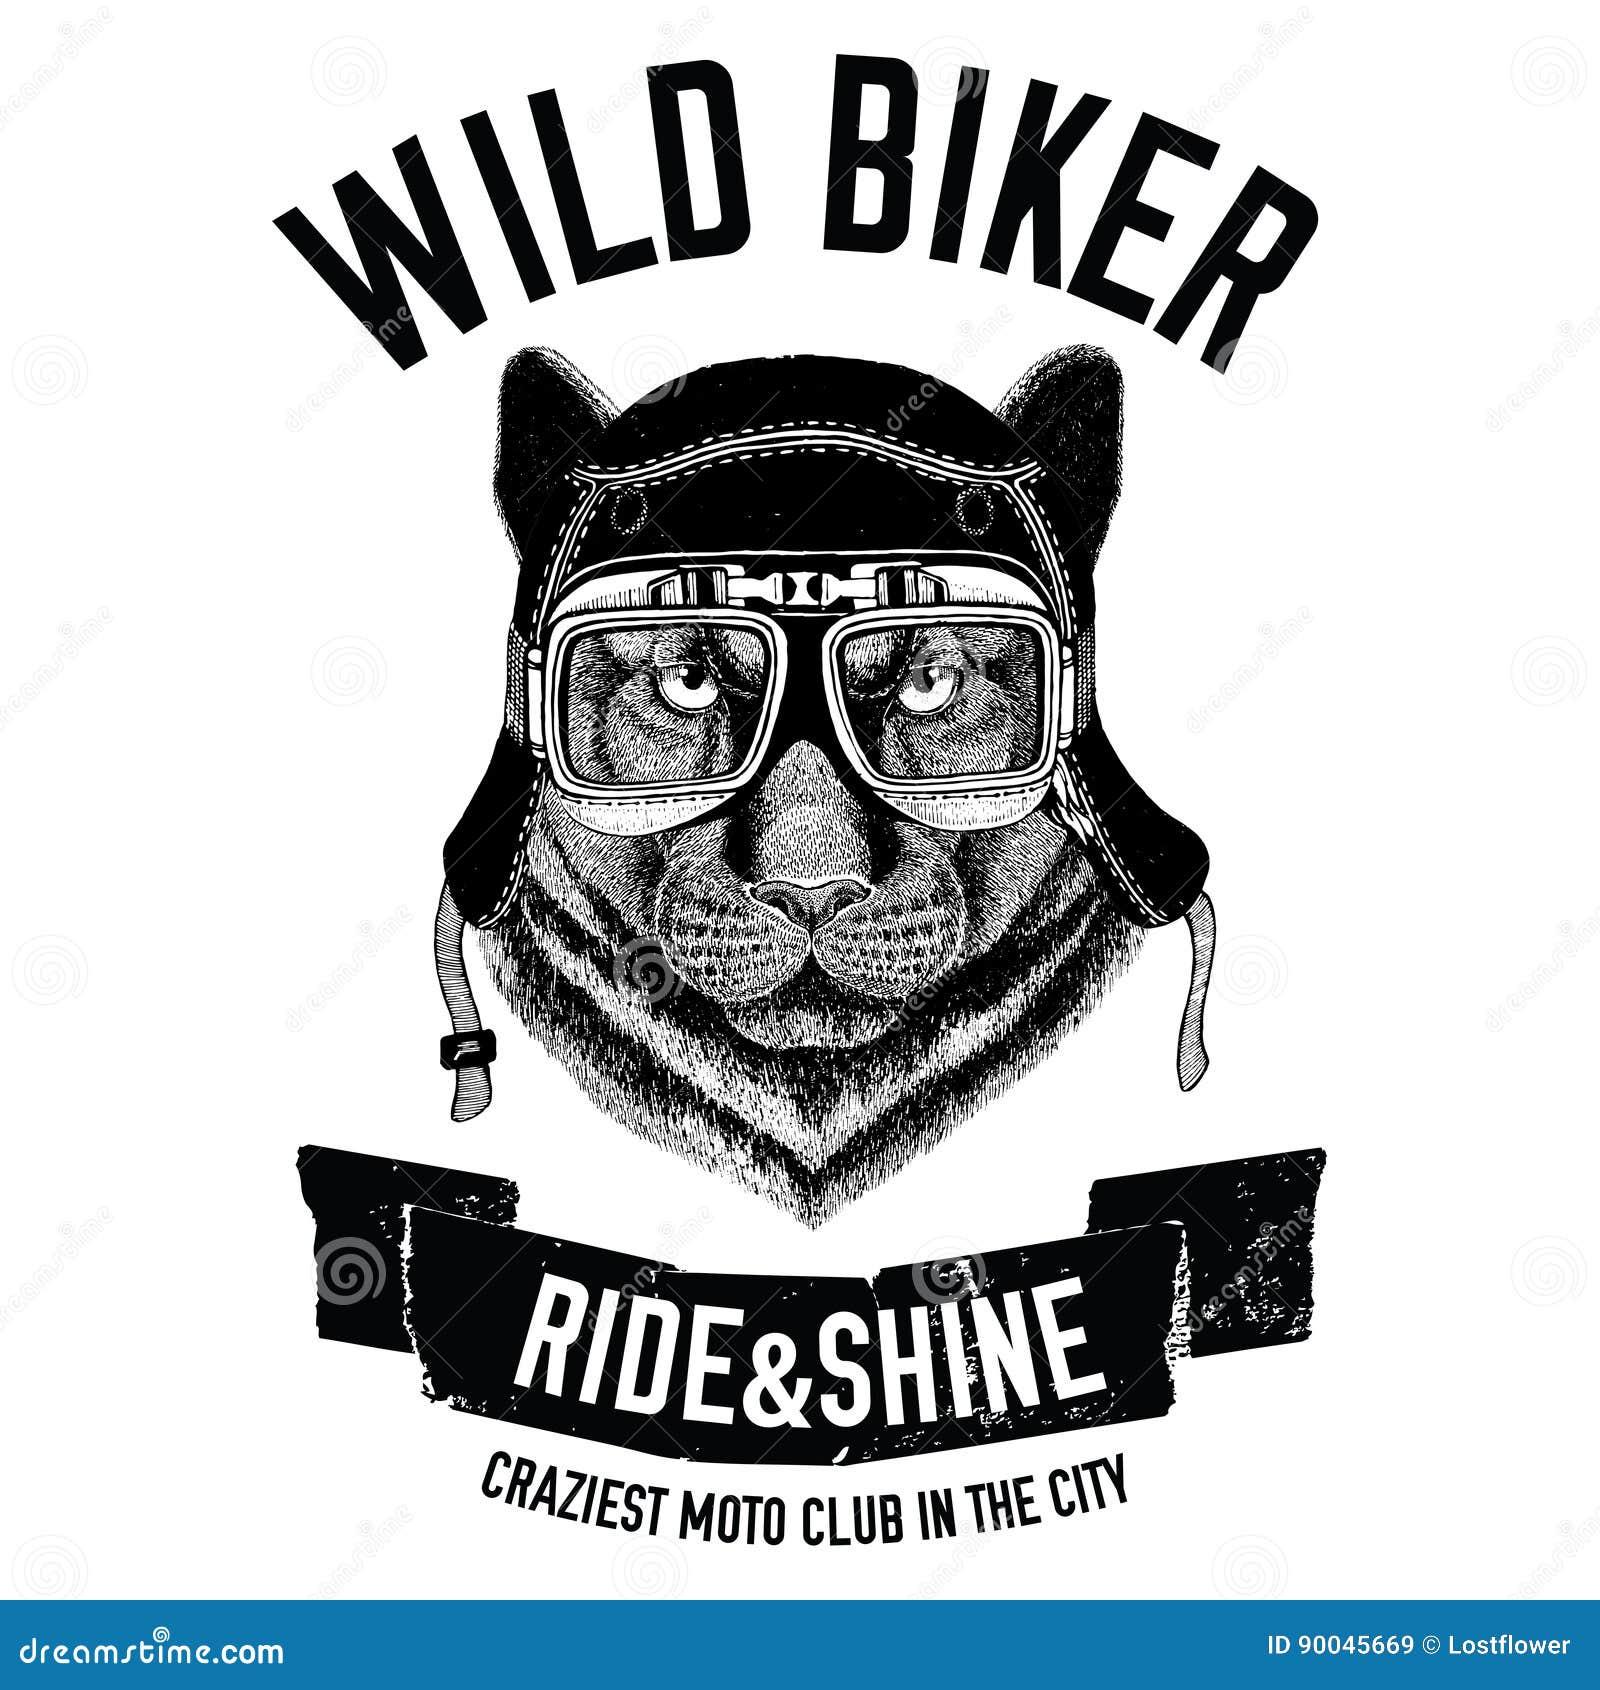 Vintage Images Of Dog For T Shirt Design For Motorcycle Bike